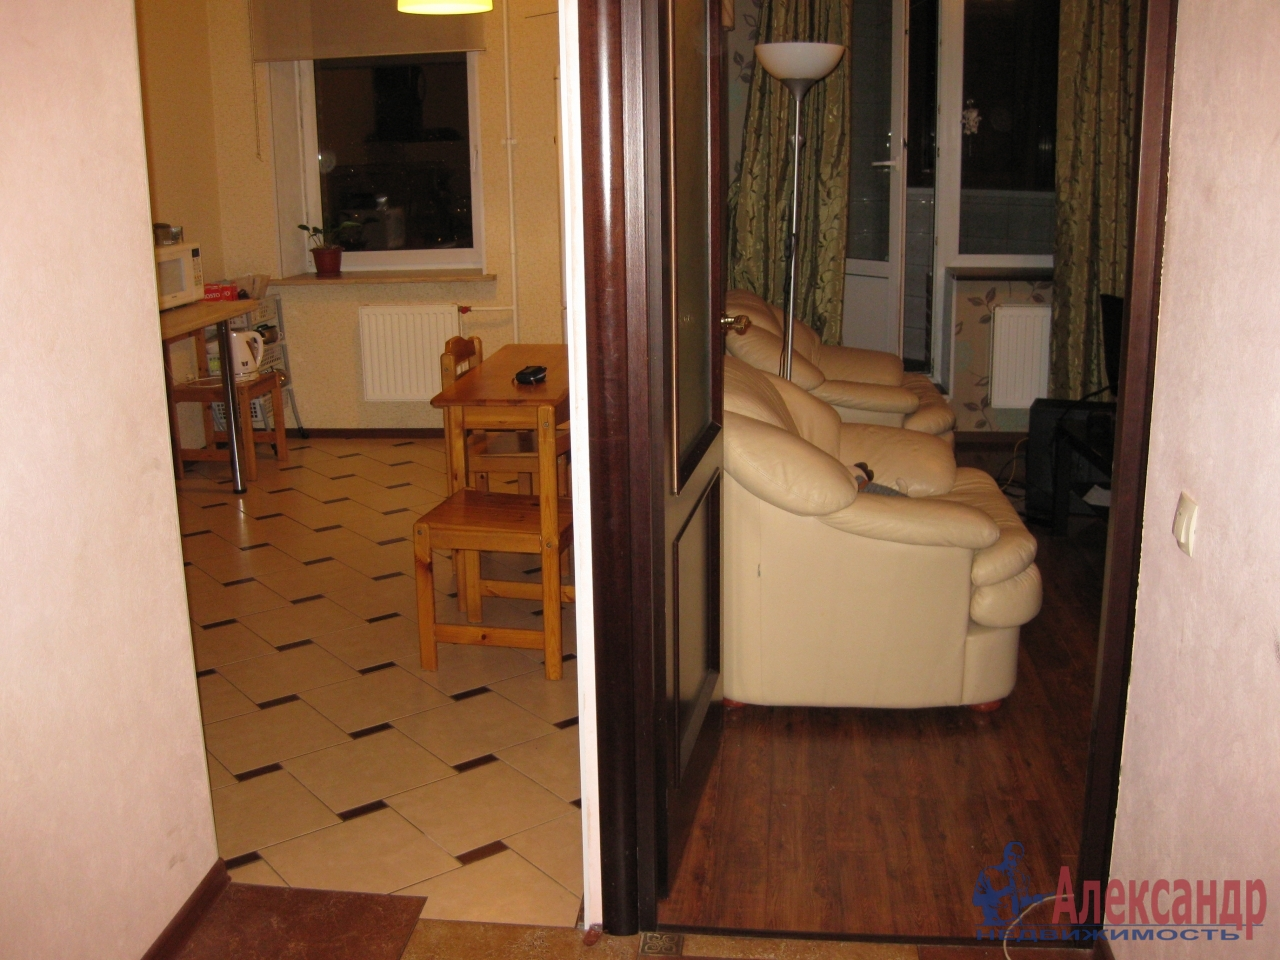 1-комнатная квартира (40м2) в аренду по адресу Орджоникидзе ул., 58— фото 4 из 4